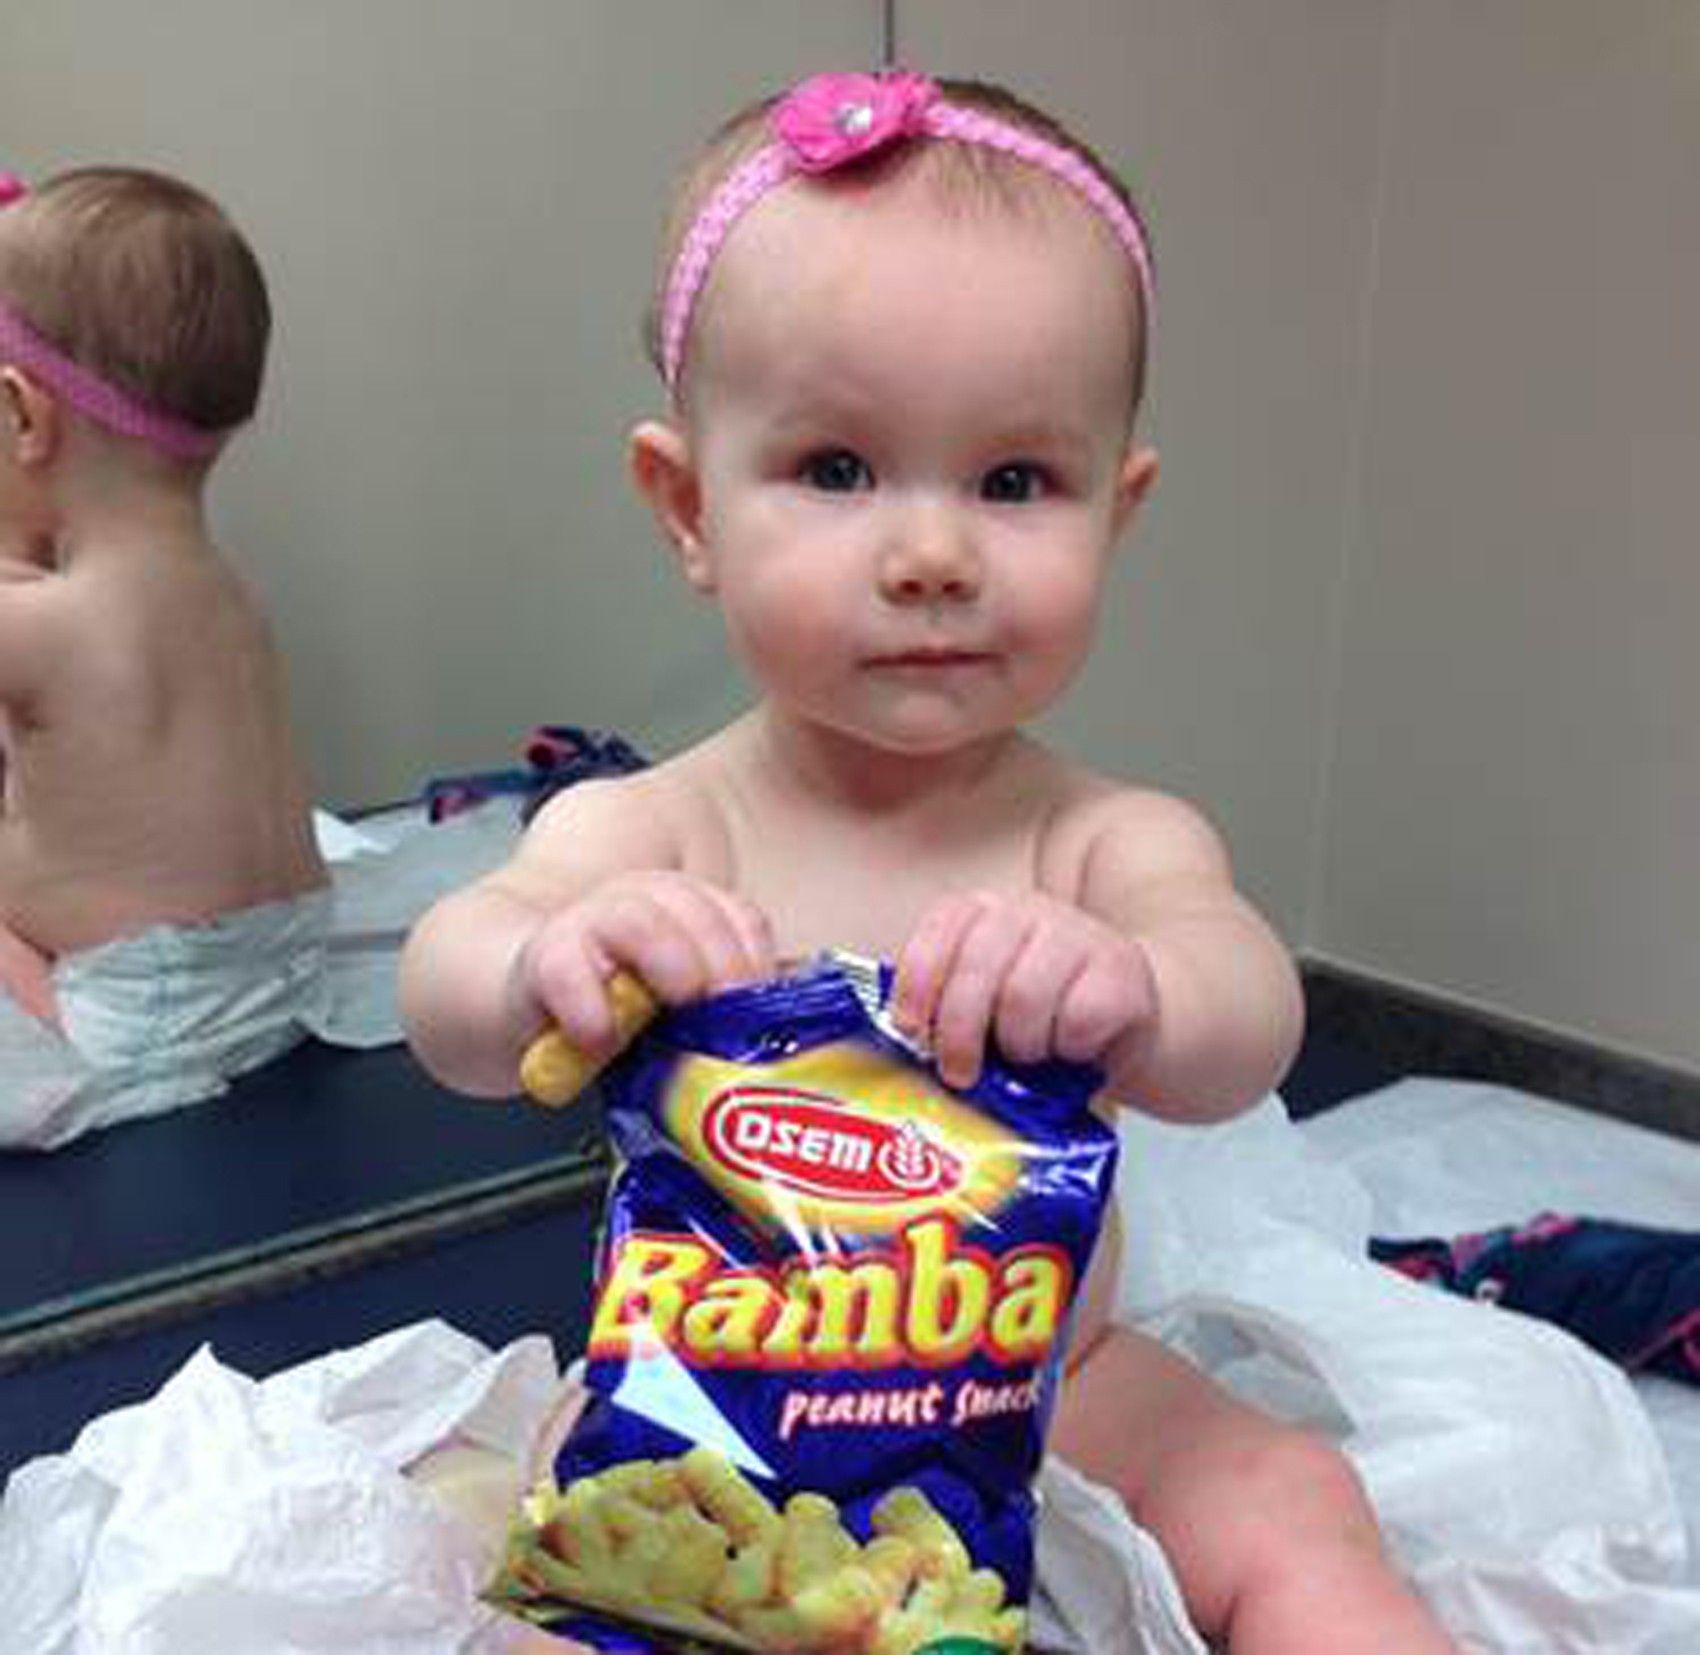 #Introduzir amendoim na dieta de bebês pode prevenir alergia grave - Globo.com: Globo.com Introduzir amendoim na dieta de bebês pode…